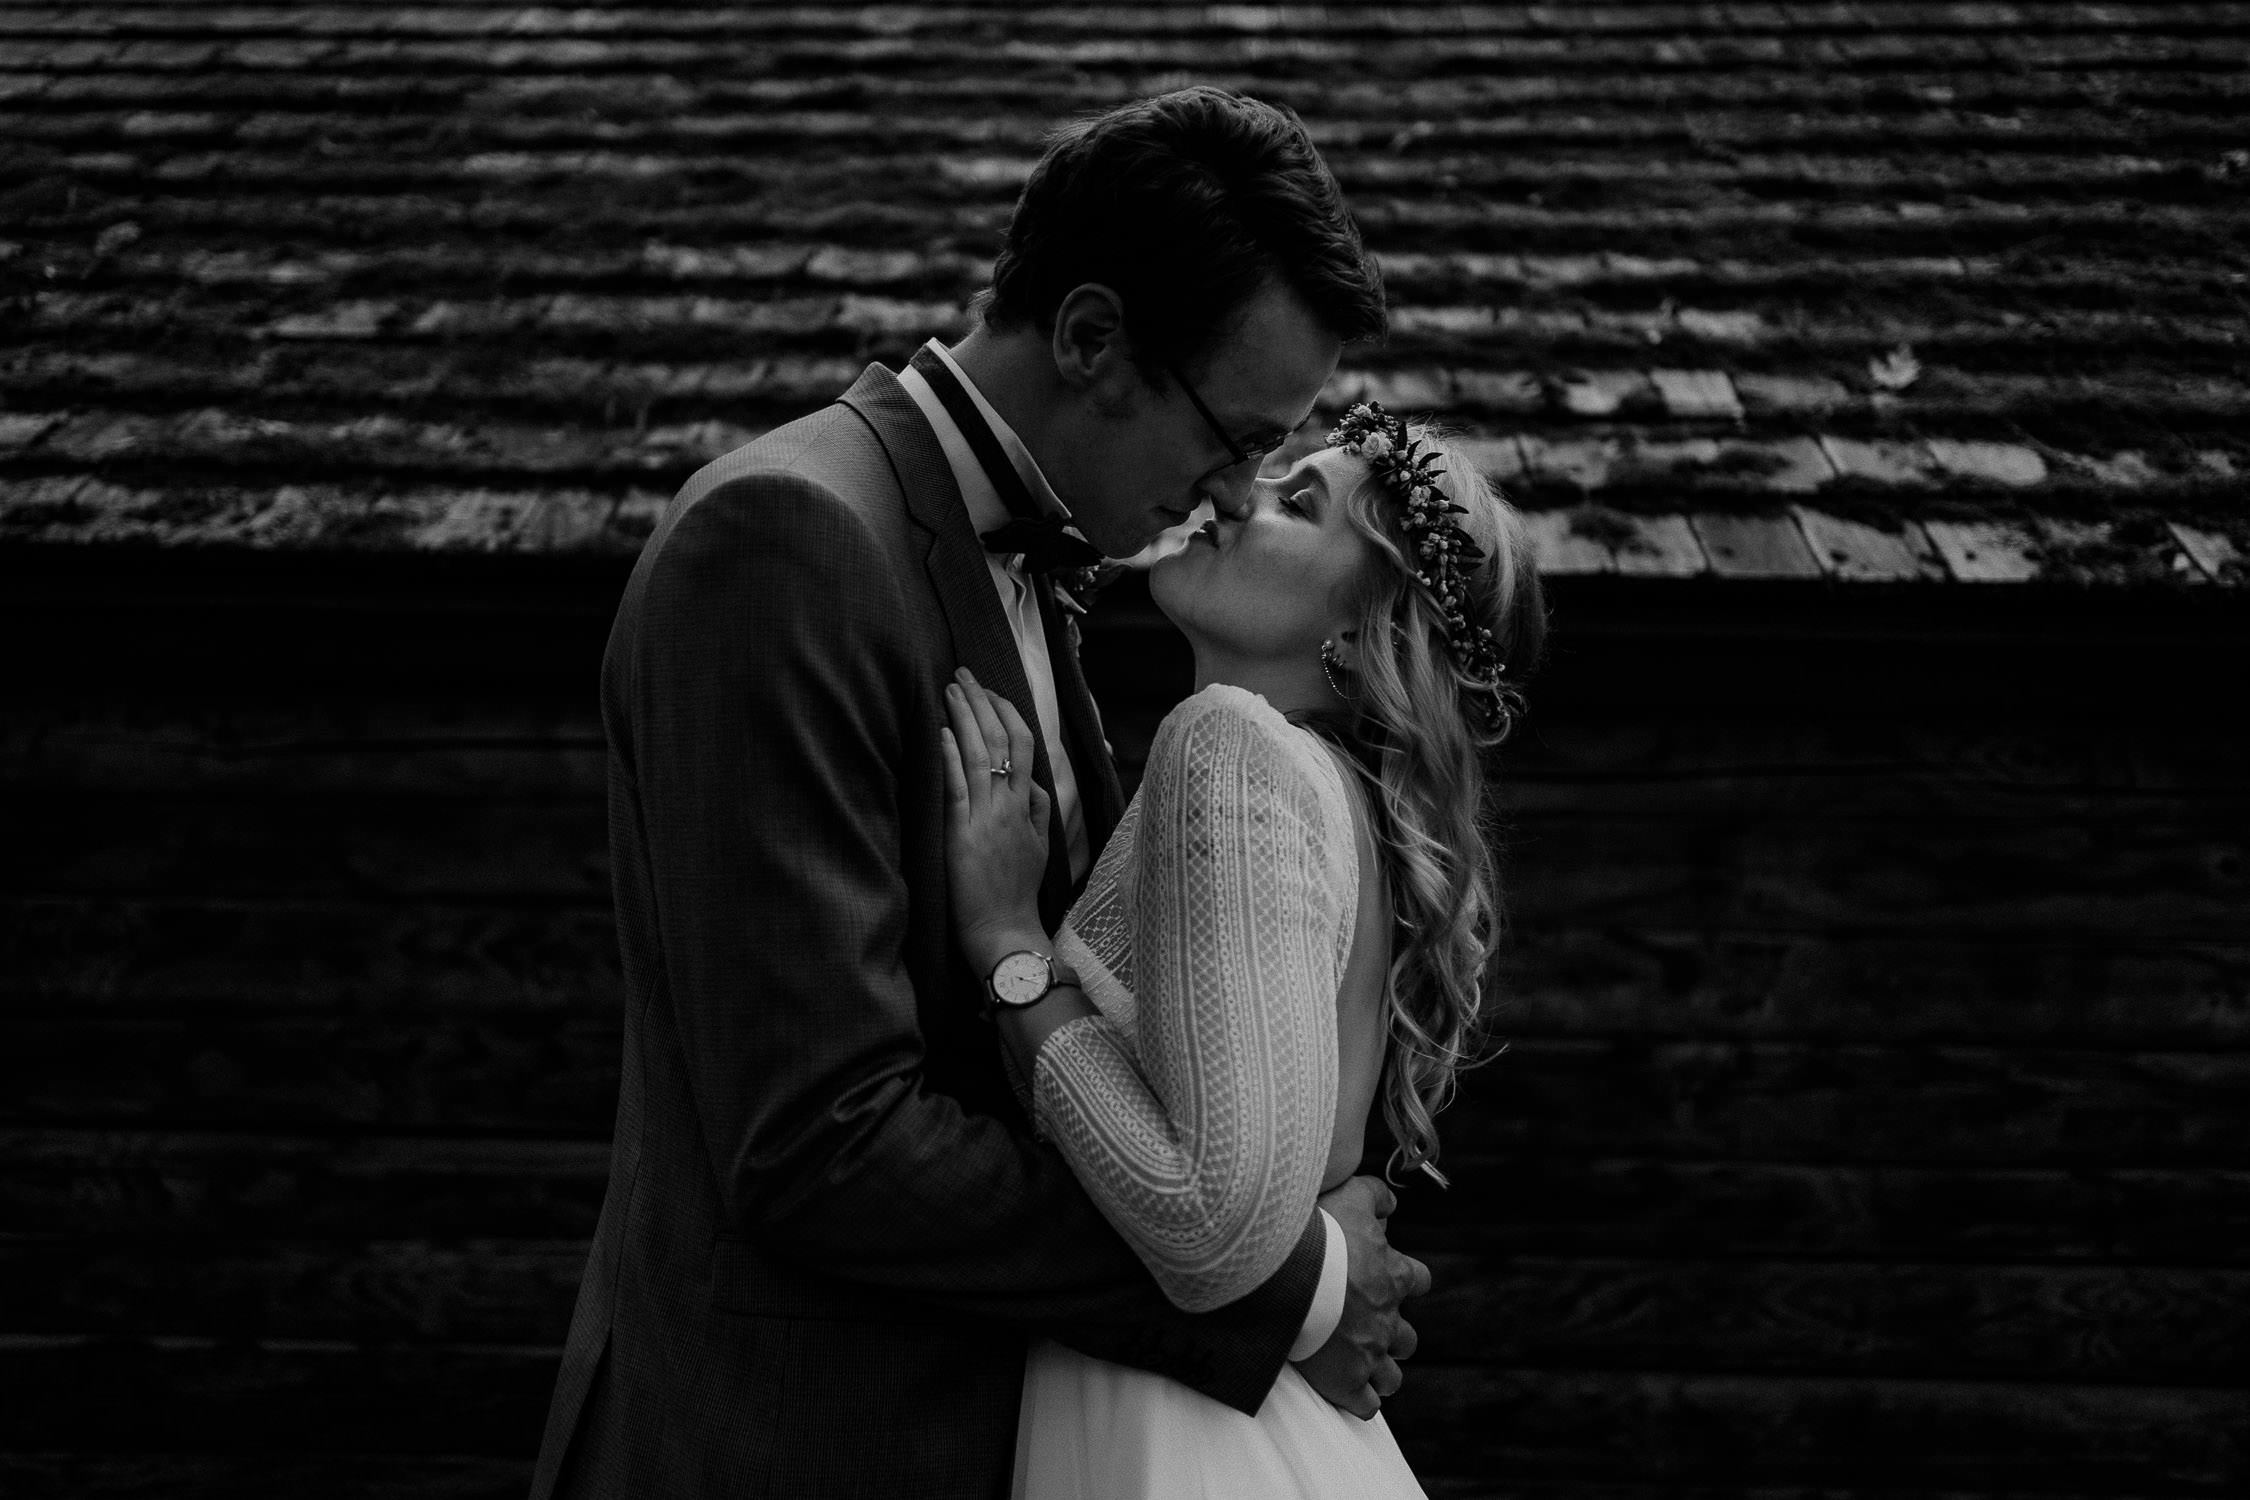 Portrait des Brautpaares in Schwarz Weiß. Fotografiert von Hochzeitsfotograf Axel Link. Brautpaar küsst sich.